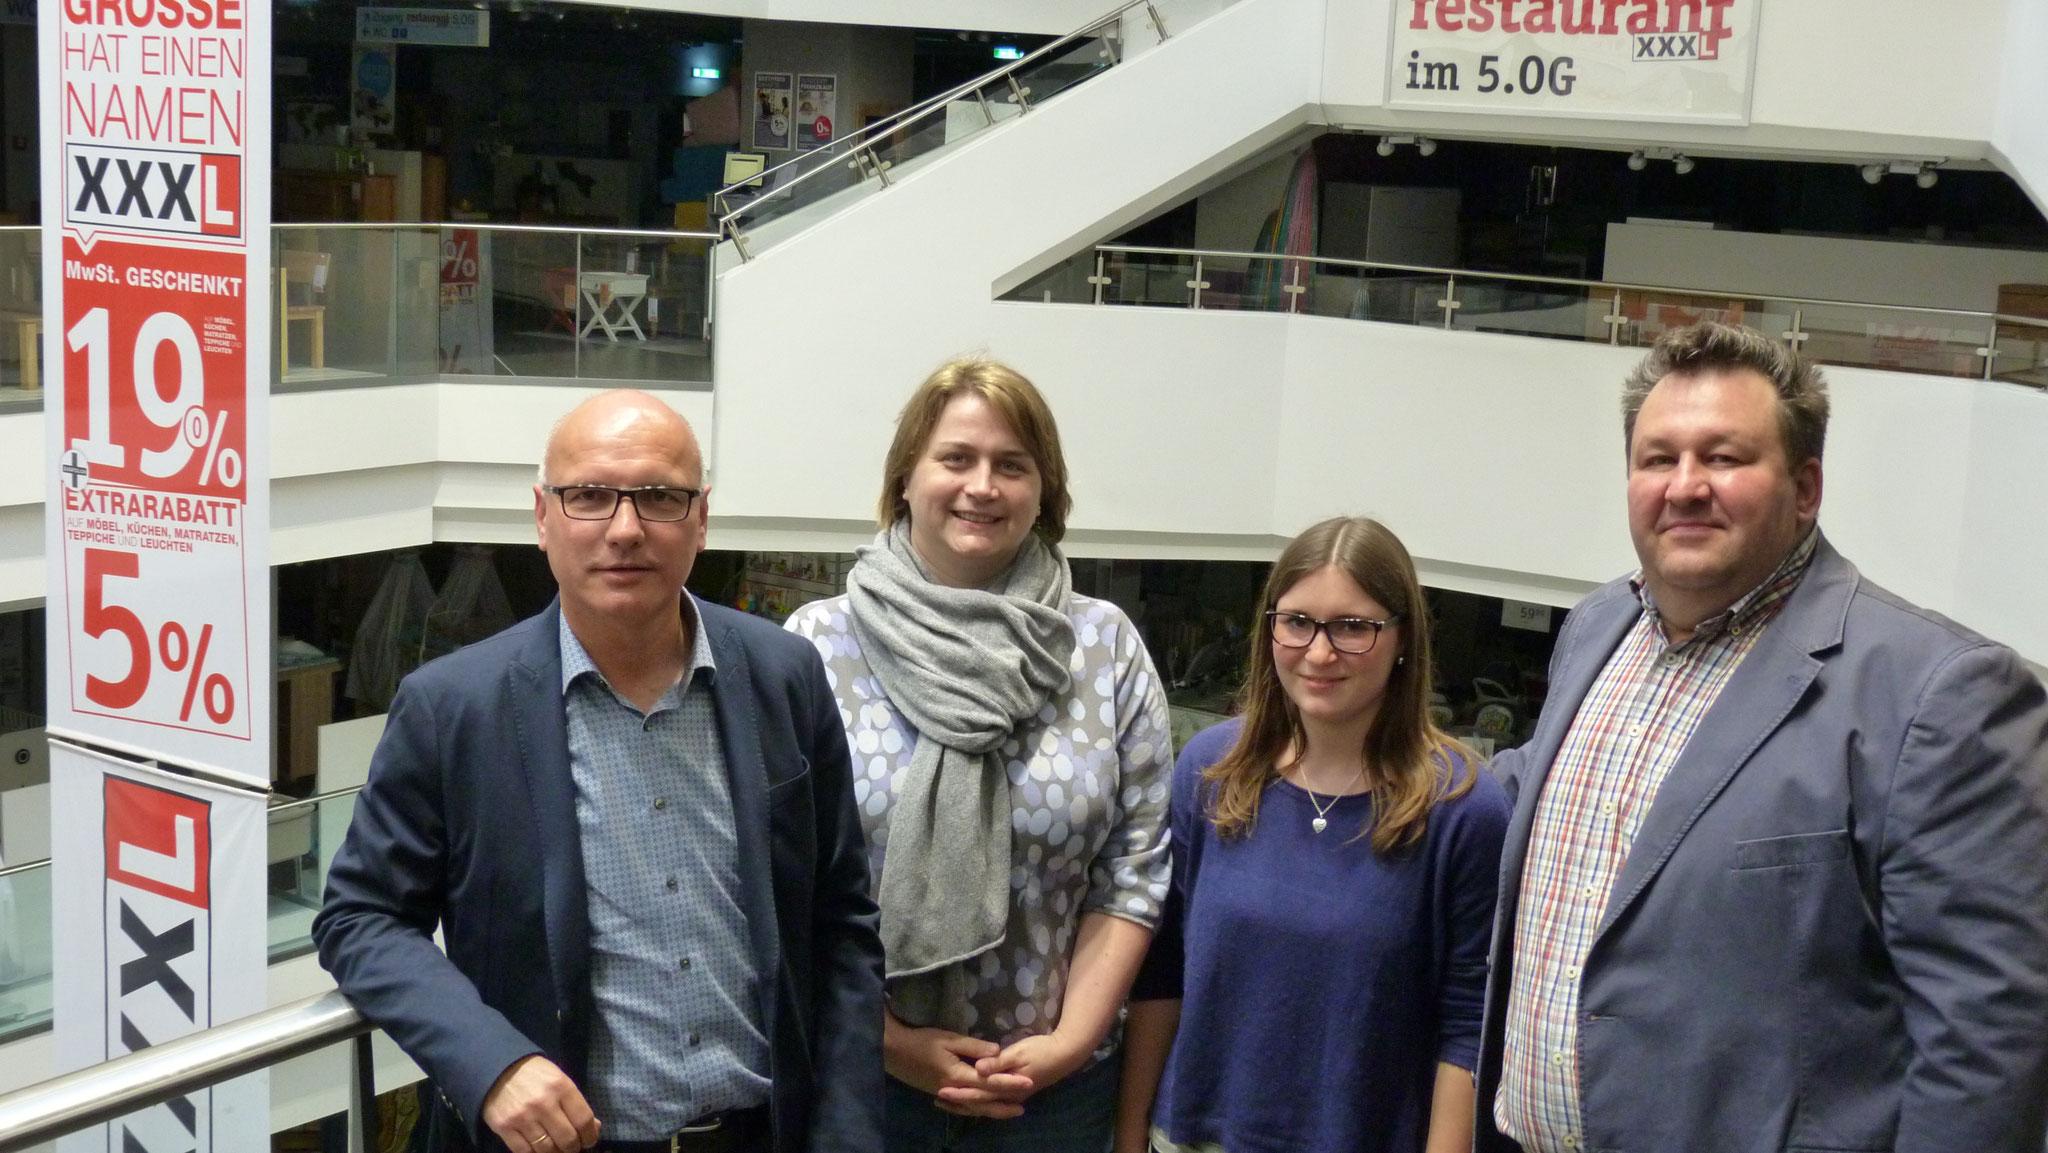 Das Zentralteam der PE: Joachim Lörzer, Johanna Knopp, Theresa Bieber und Johannes Scherm.